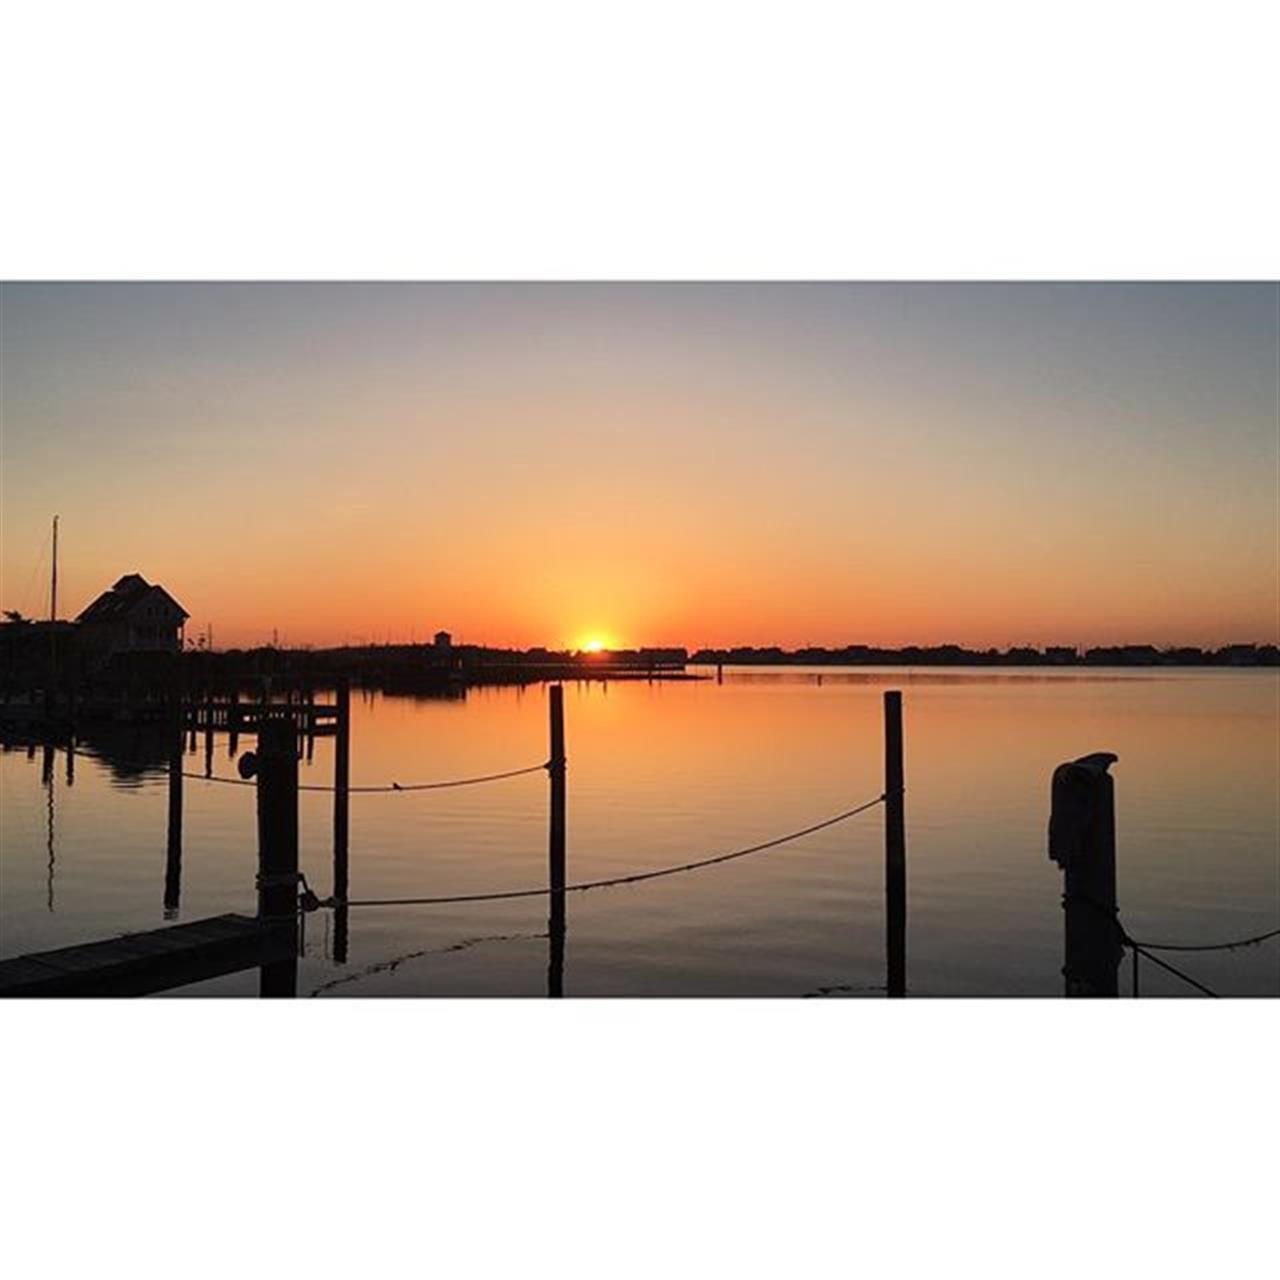 Sunrise over Barnegat Bay, New Jersey